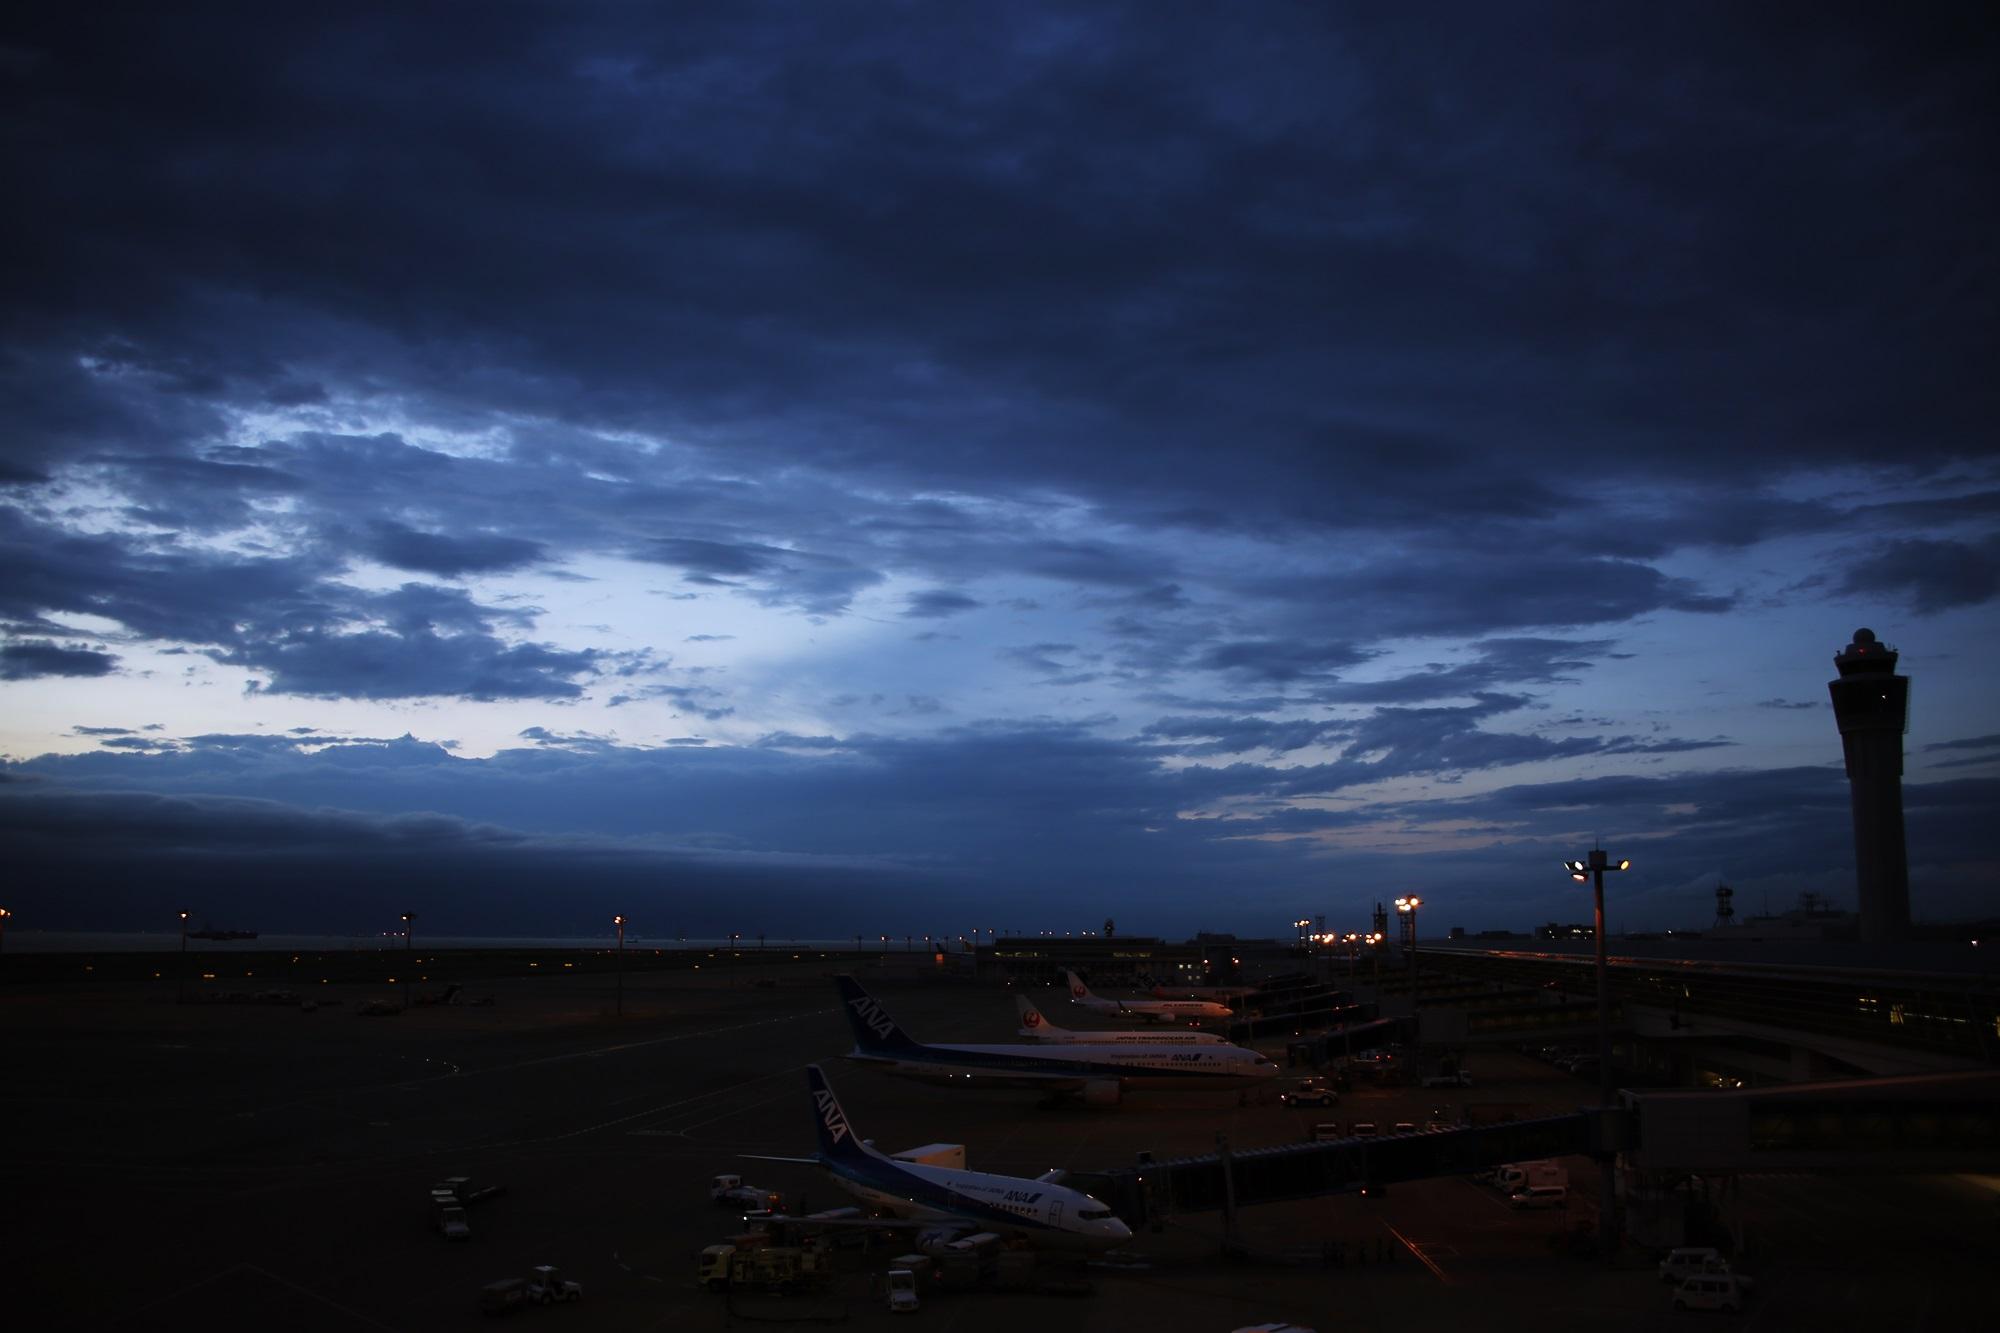 セントレア 中部国際空港 centrair airport (2)